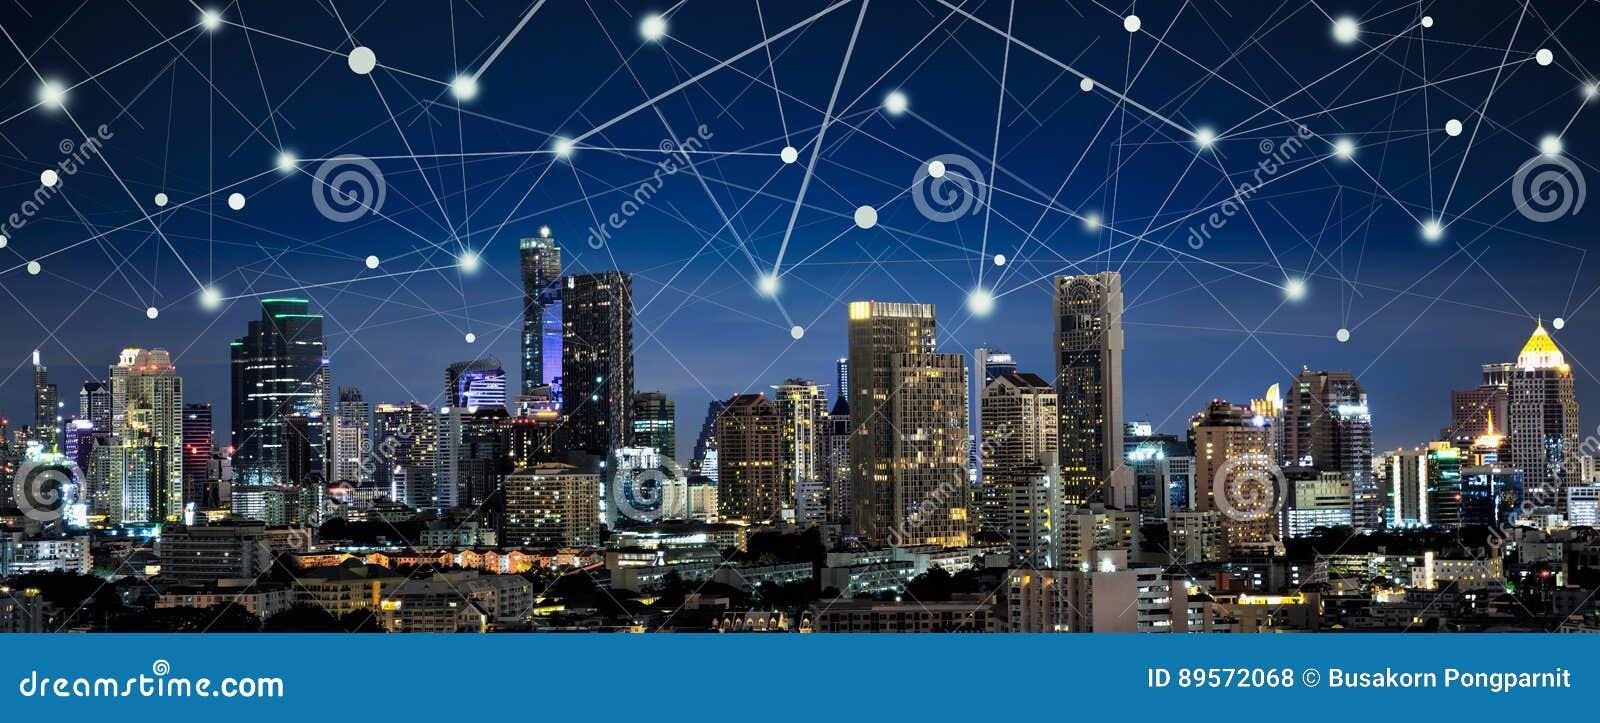 Slim stad en Internet van dingen, draadloze communicatie networ